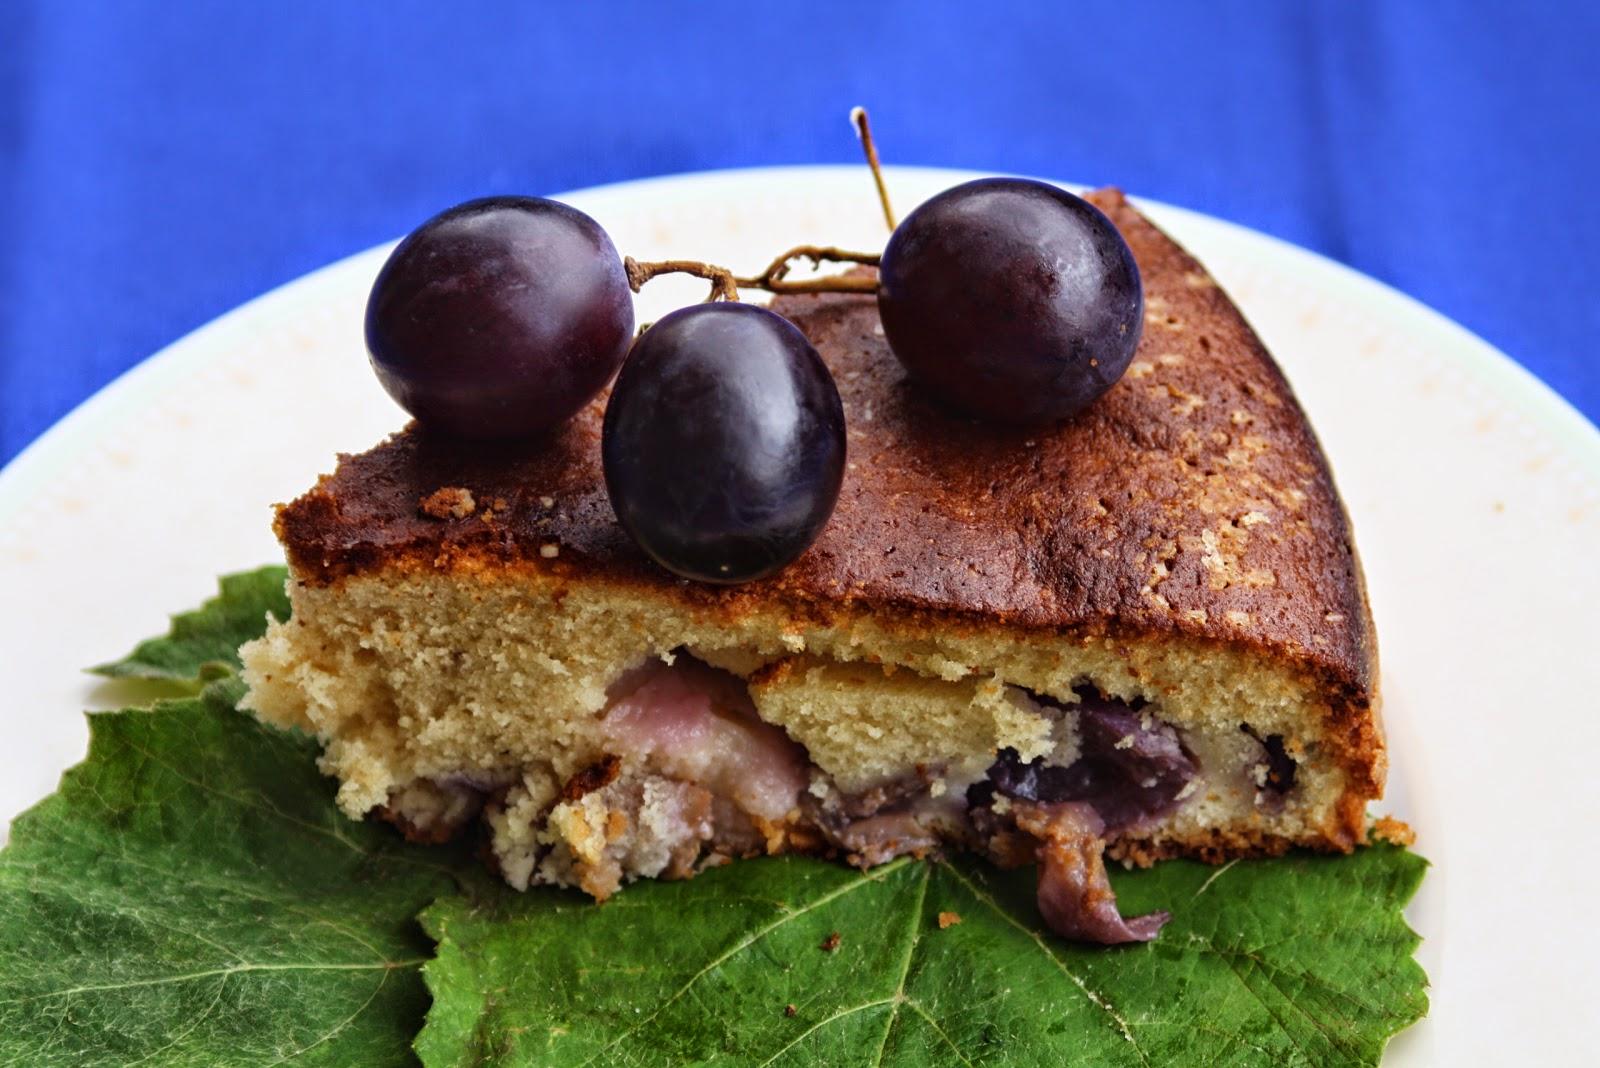 #20 torta soffice di uva nera al marsala - stagioniamo d'autunno